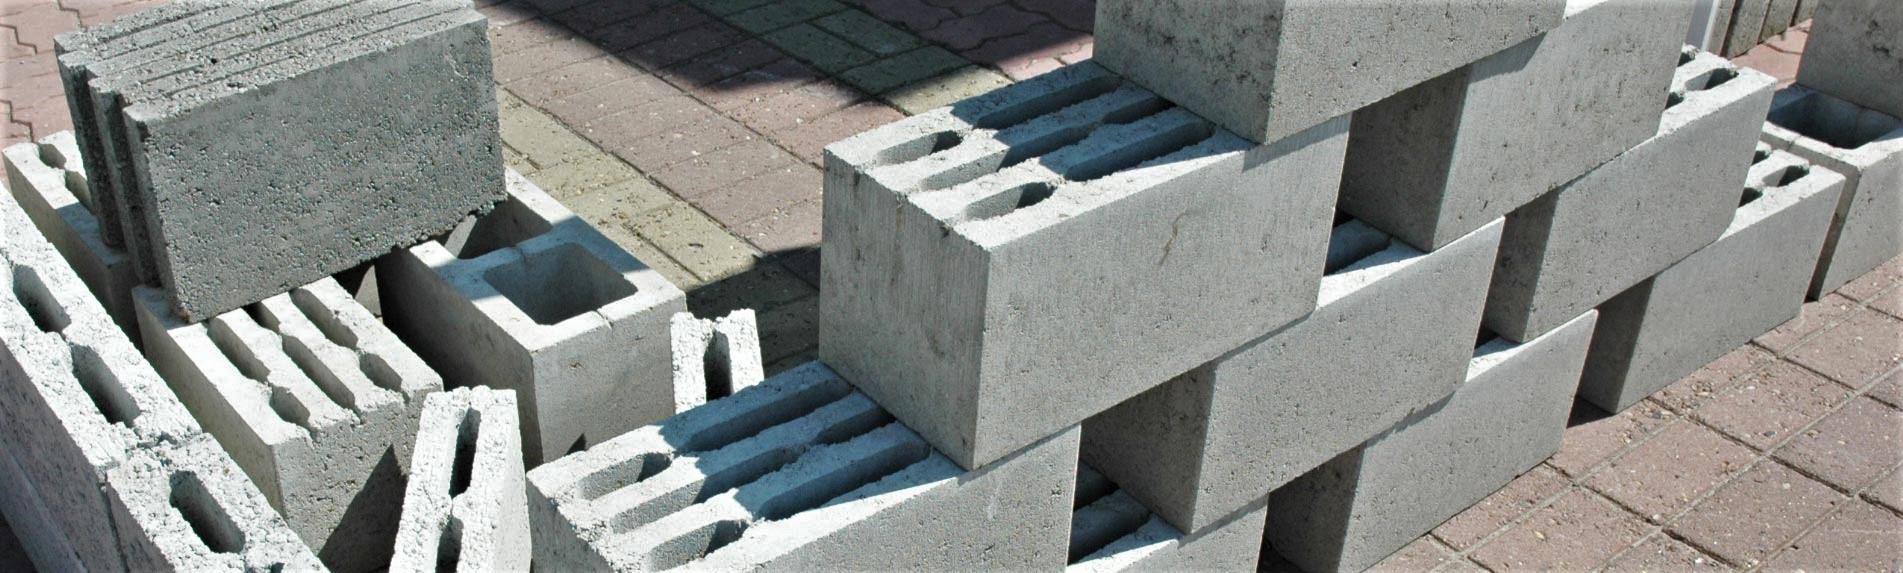 Недостатки стен из керамзитобетона продажа бетона калуга